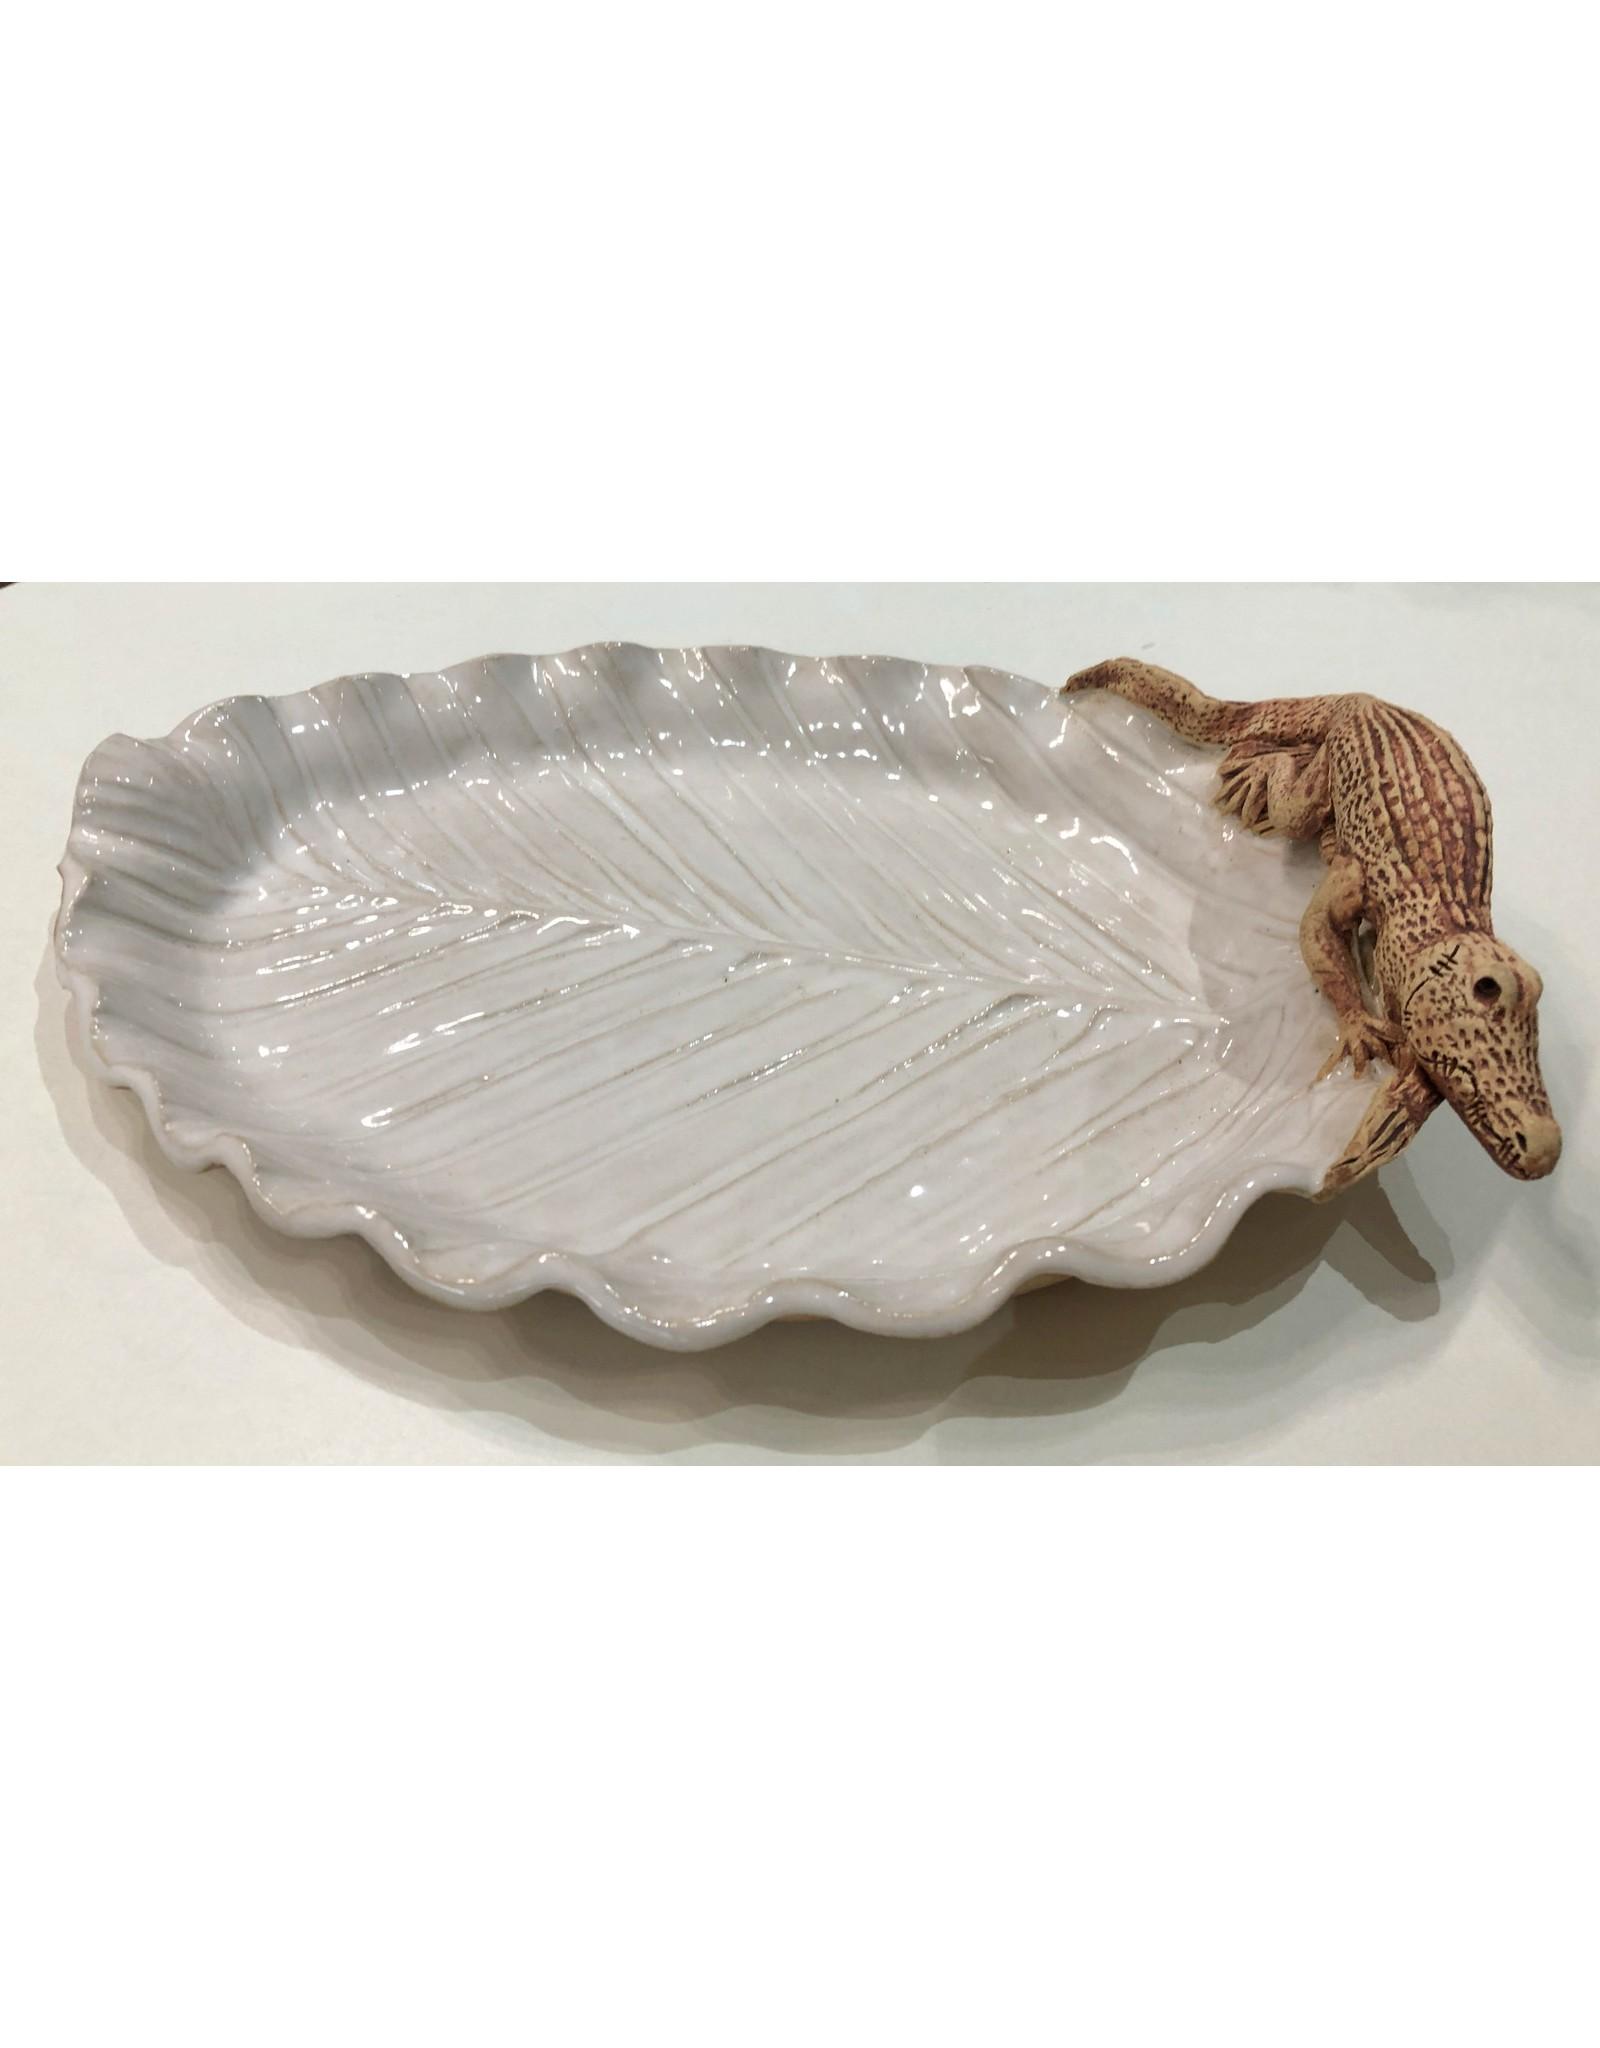 DISH (Palm Leaf, gator or shell, #216, CHAP)